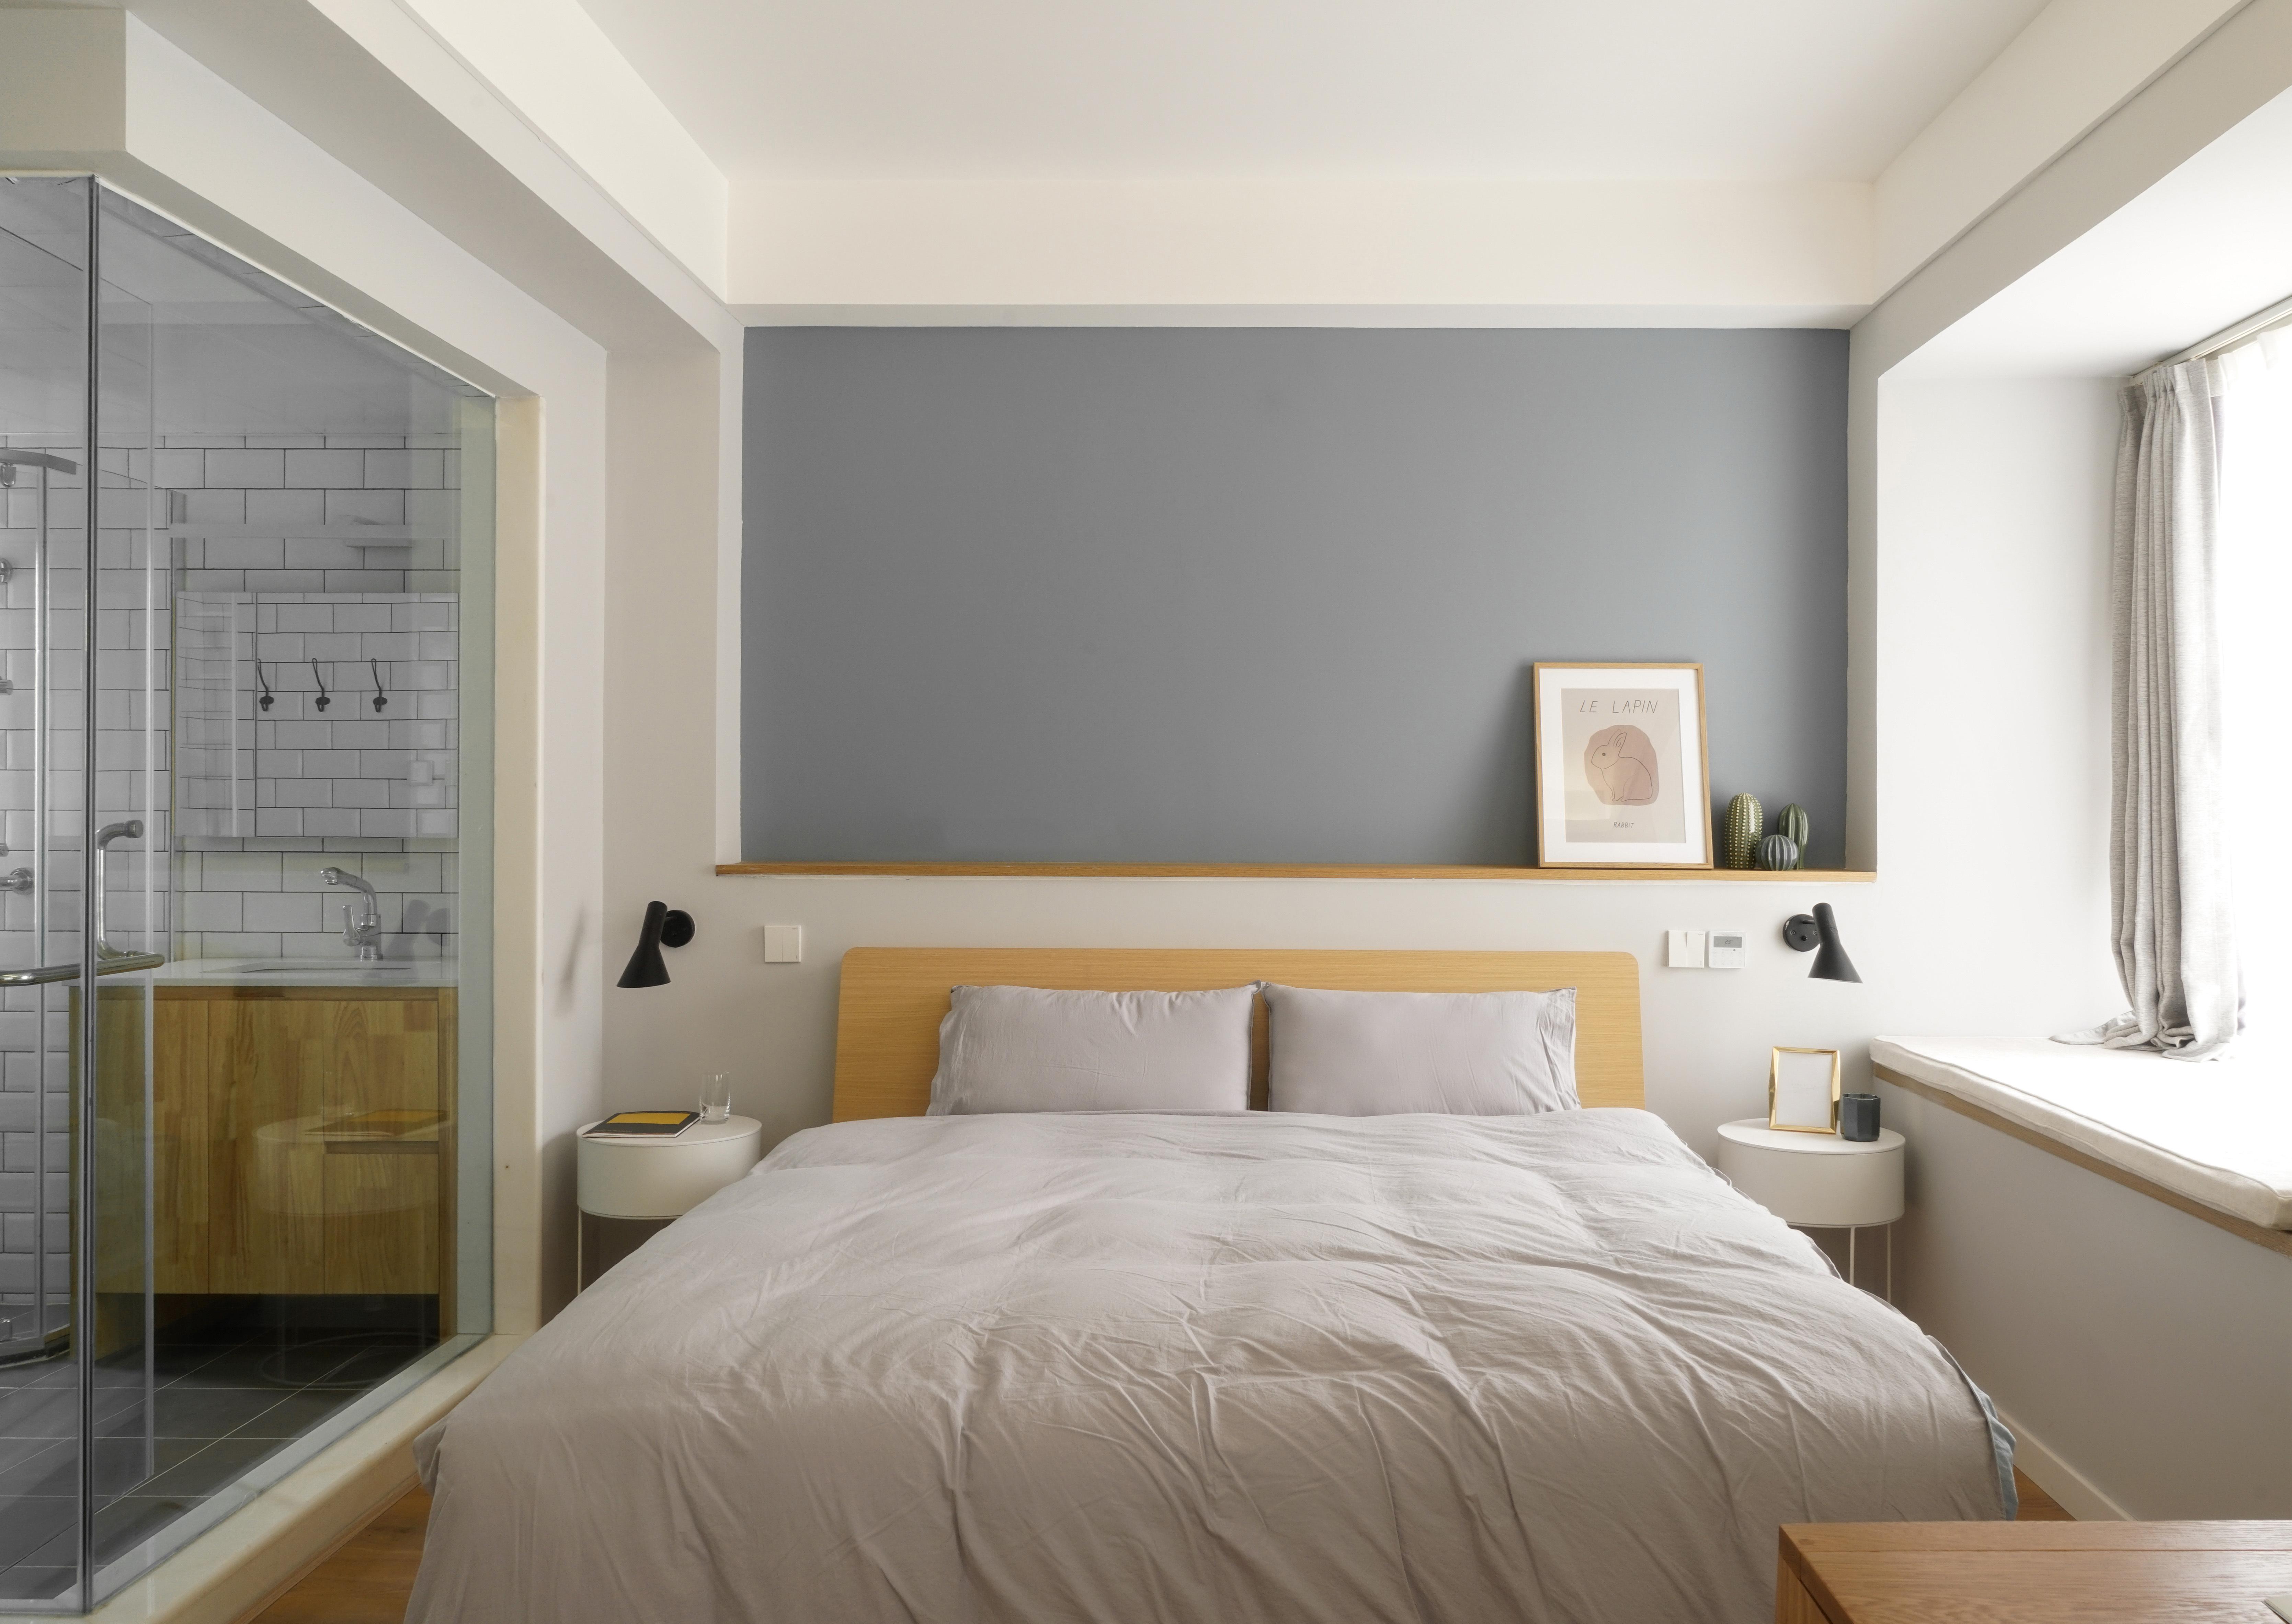 85平方房子厕所门对着床装修效果图